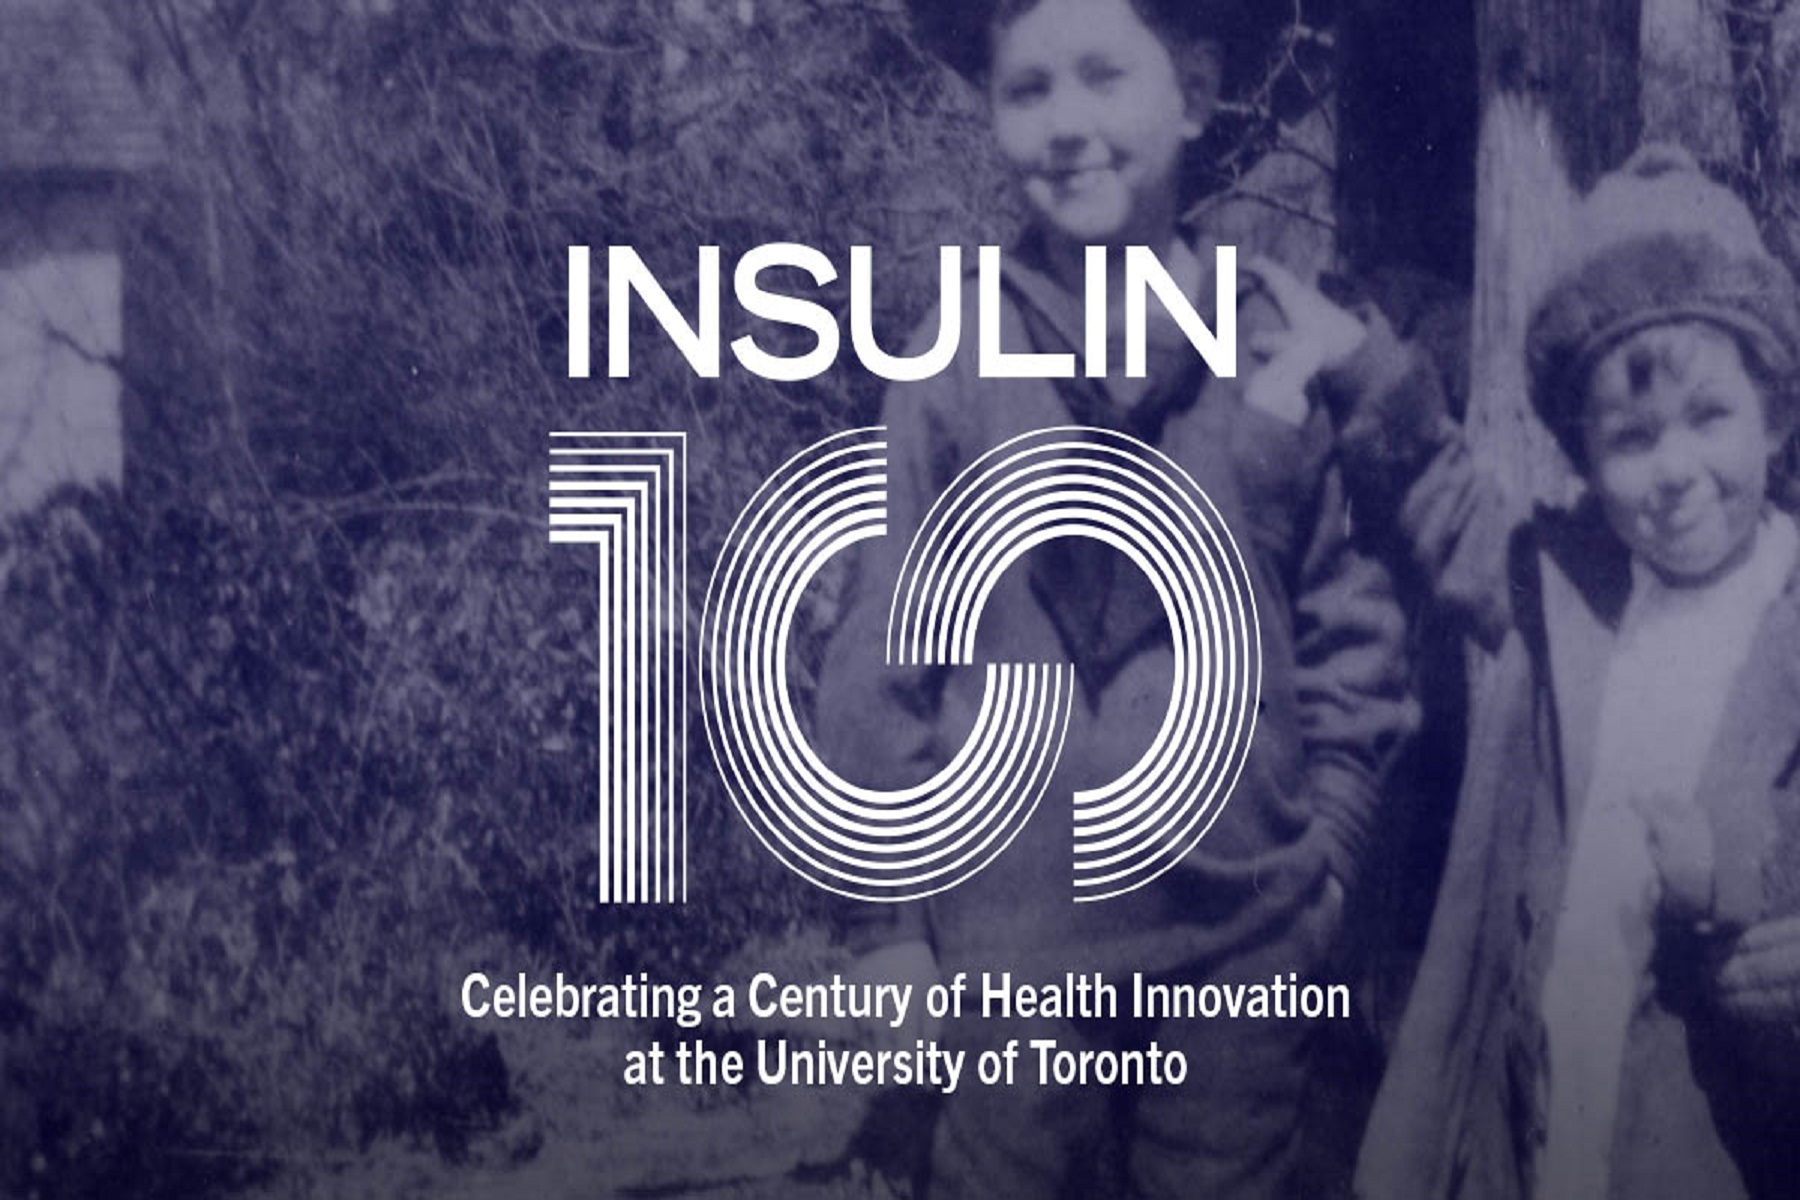 Ηνωμένα Έθνη ΠΟΥ: Παγκόσμιο Σύμφωνο για τον Διαβήτη για τα 100 χρόνια από την ανακάλυψη της ινσουλίνης